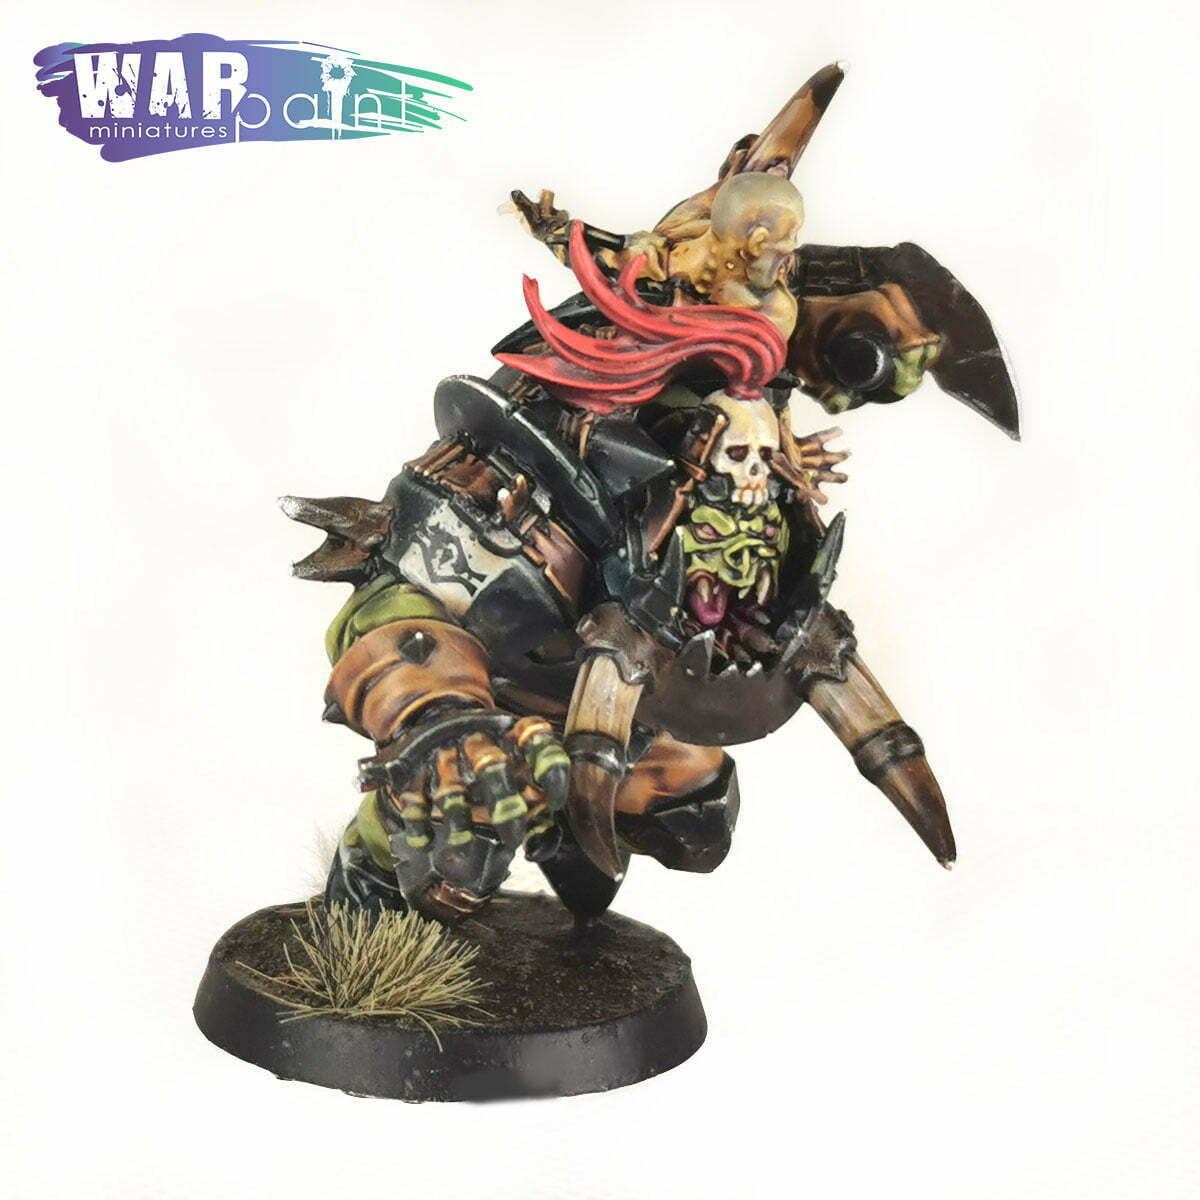 Varak-Goul-Chewer-Blood-Bowl-1